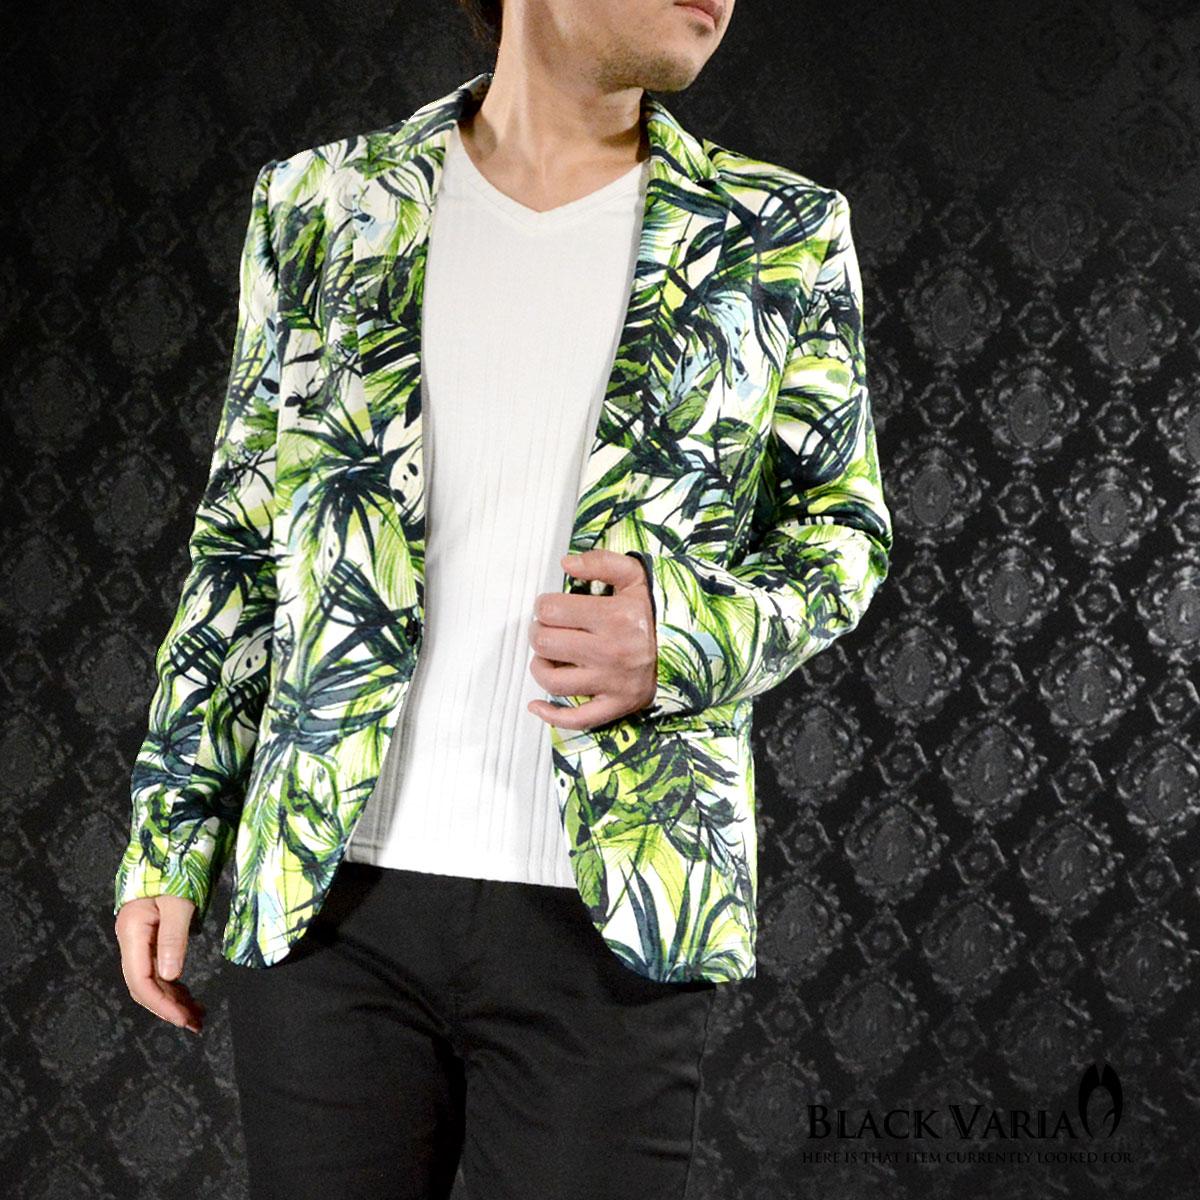 ジャケット テーラード ボタニカル 葉 ヤシ リーフ柄 メンズ 1釦 ジャケット mens(グリーン緑ホワイト白) 181203